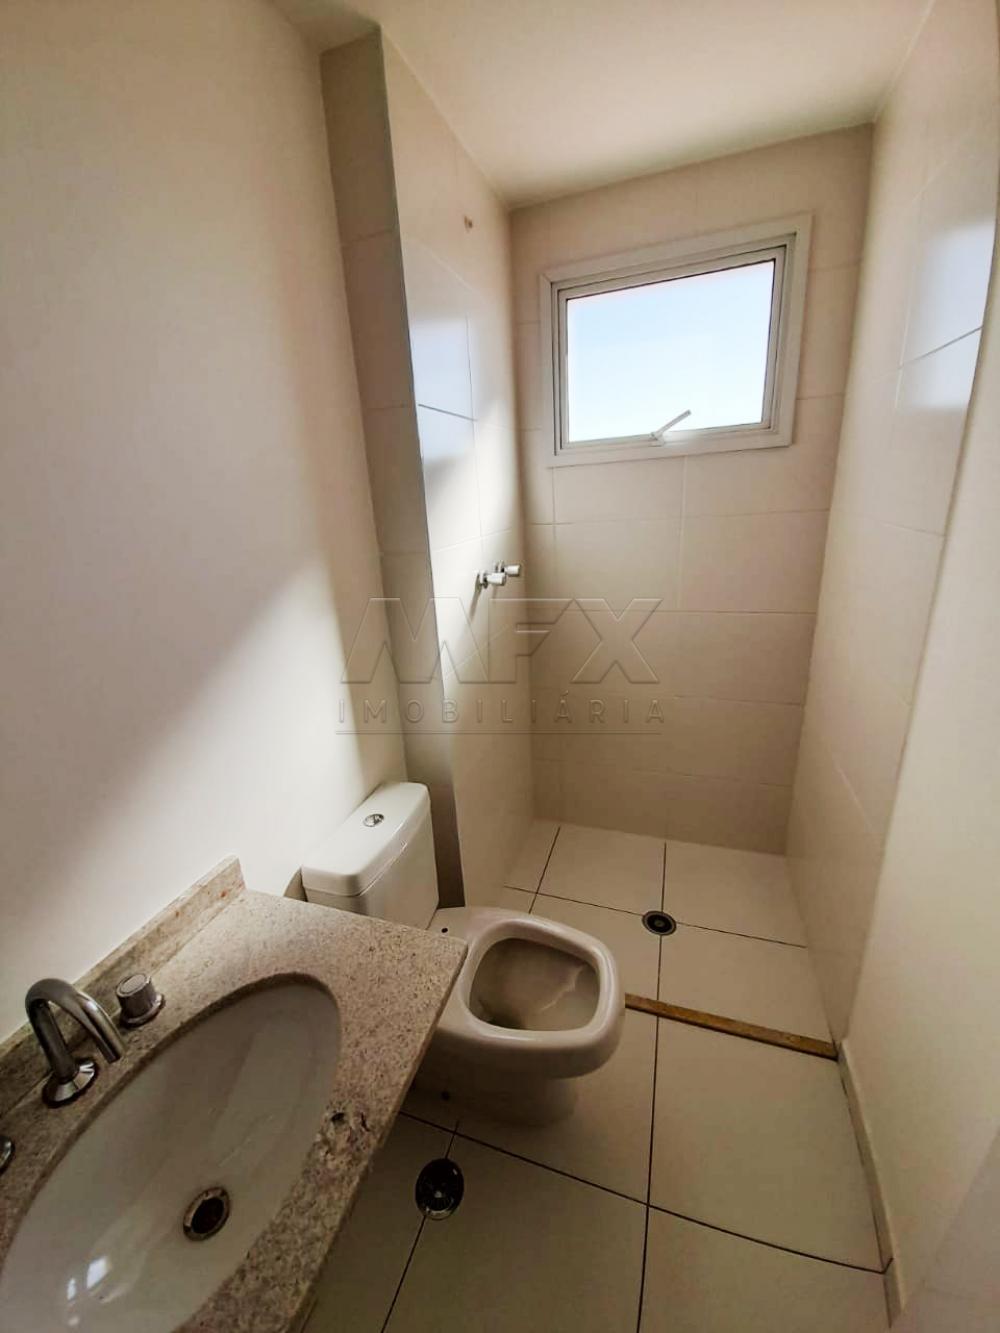 Comprar Apartamento / Padrão em Bauru R$ 525.000,00 - Foto 2